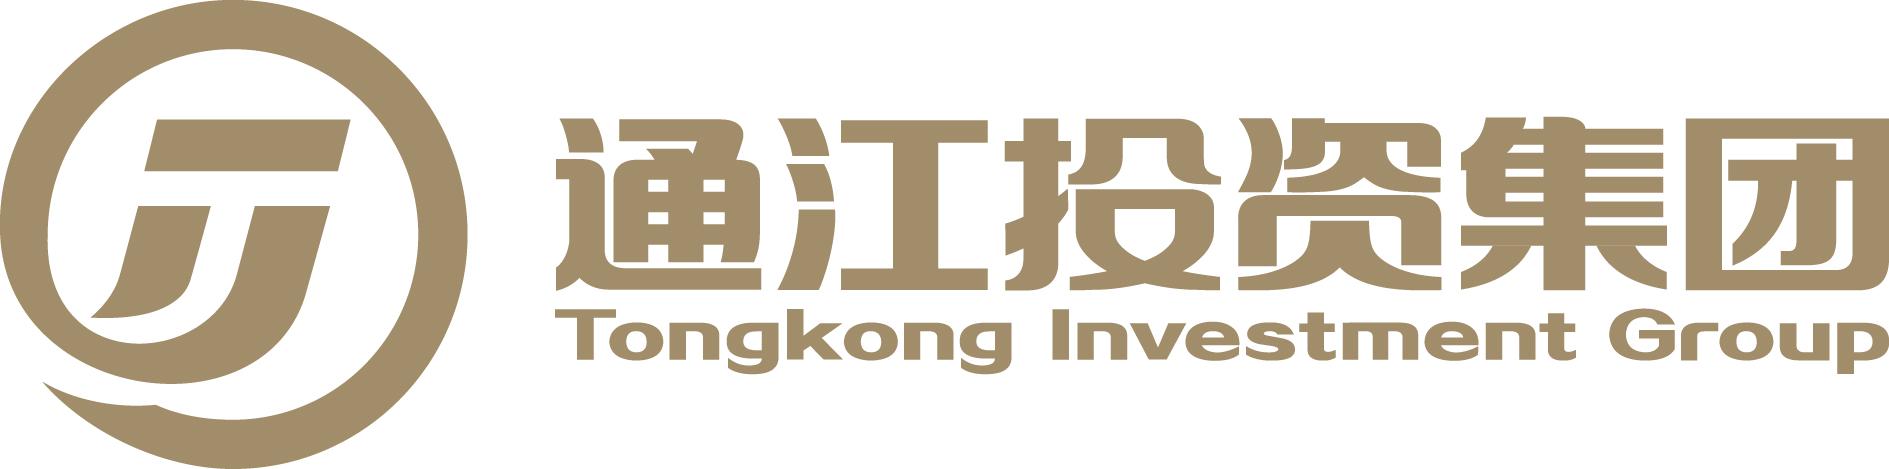 通江投资集团